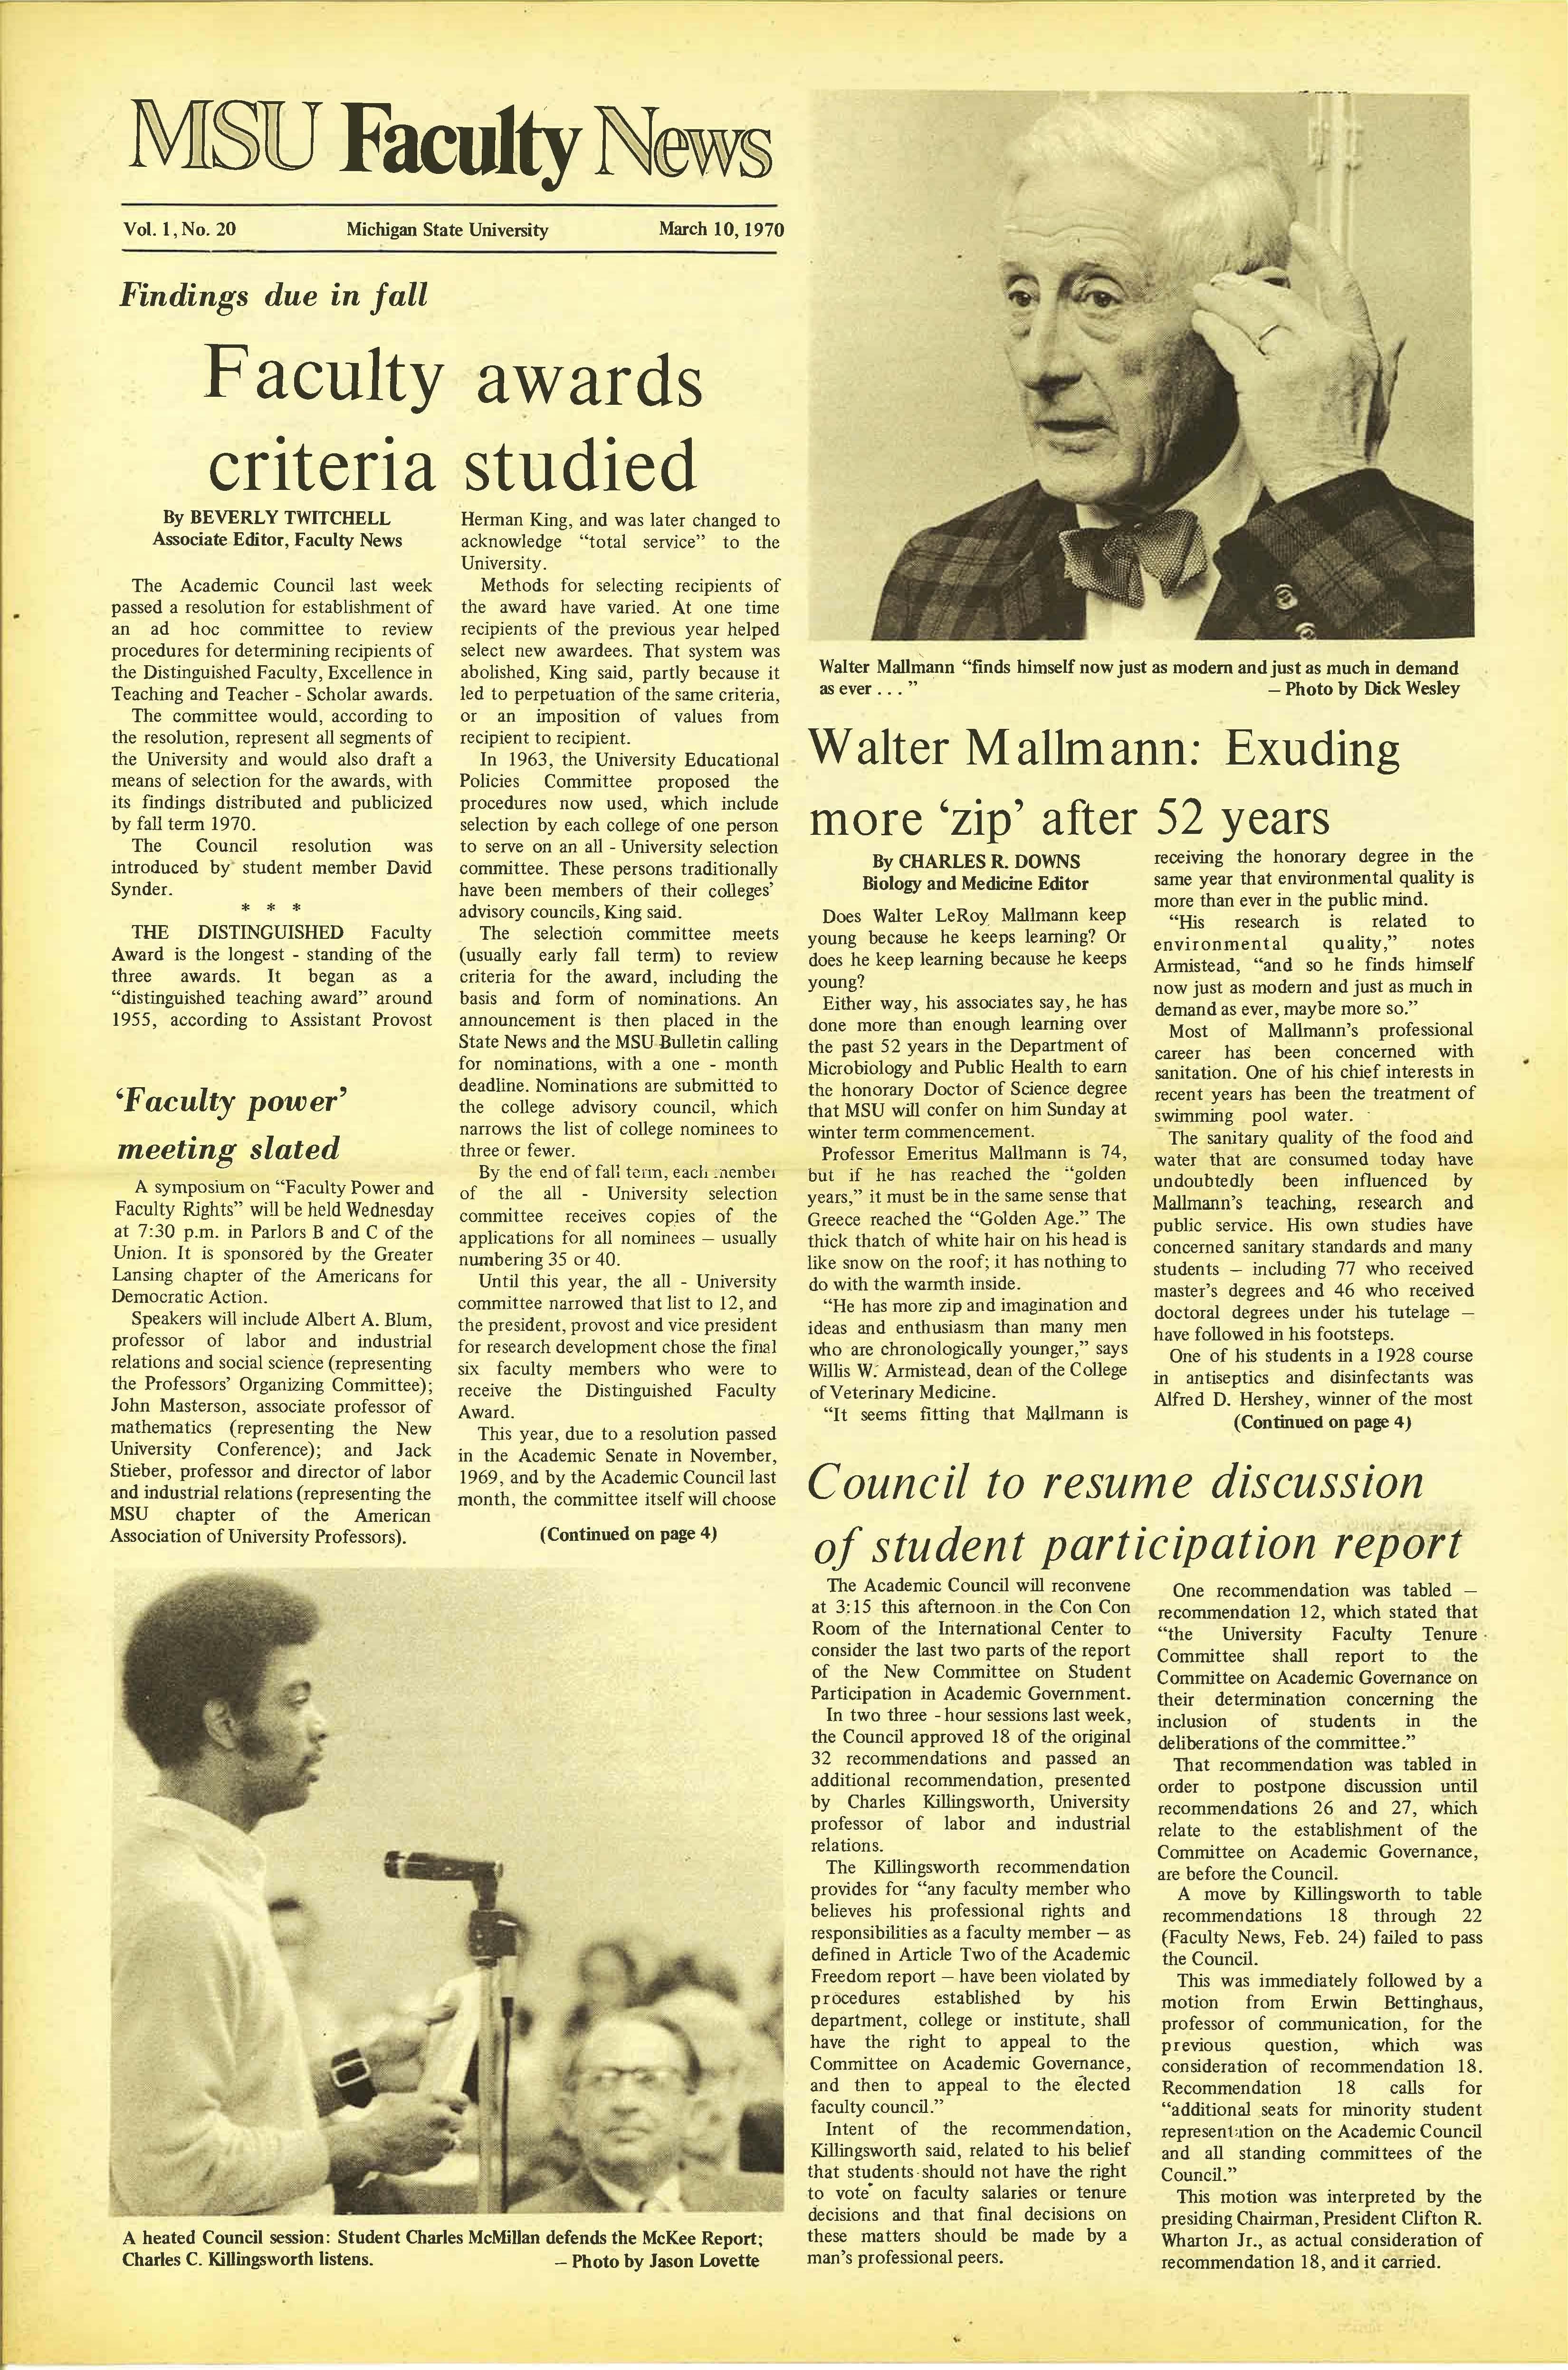 MSU News Bulletin, Vol. 1, No. 30, June 2, 1970